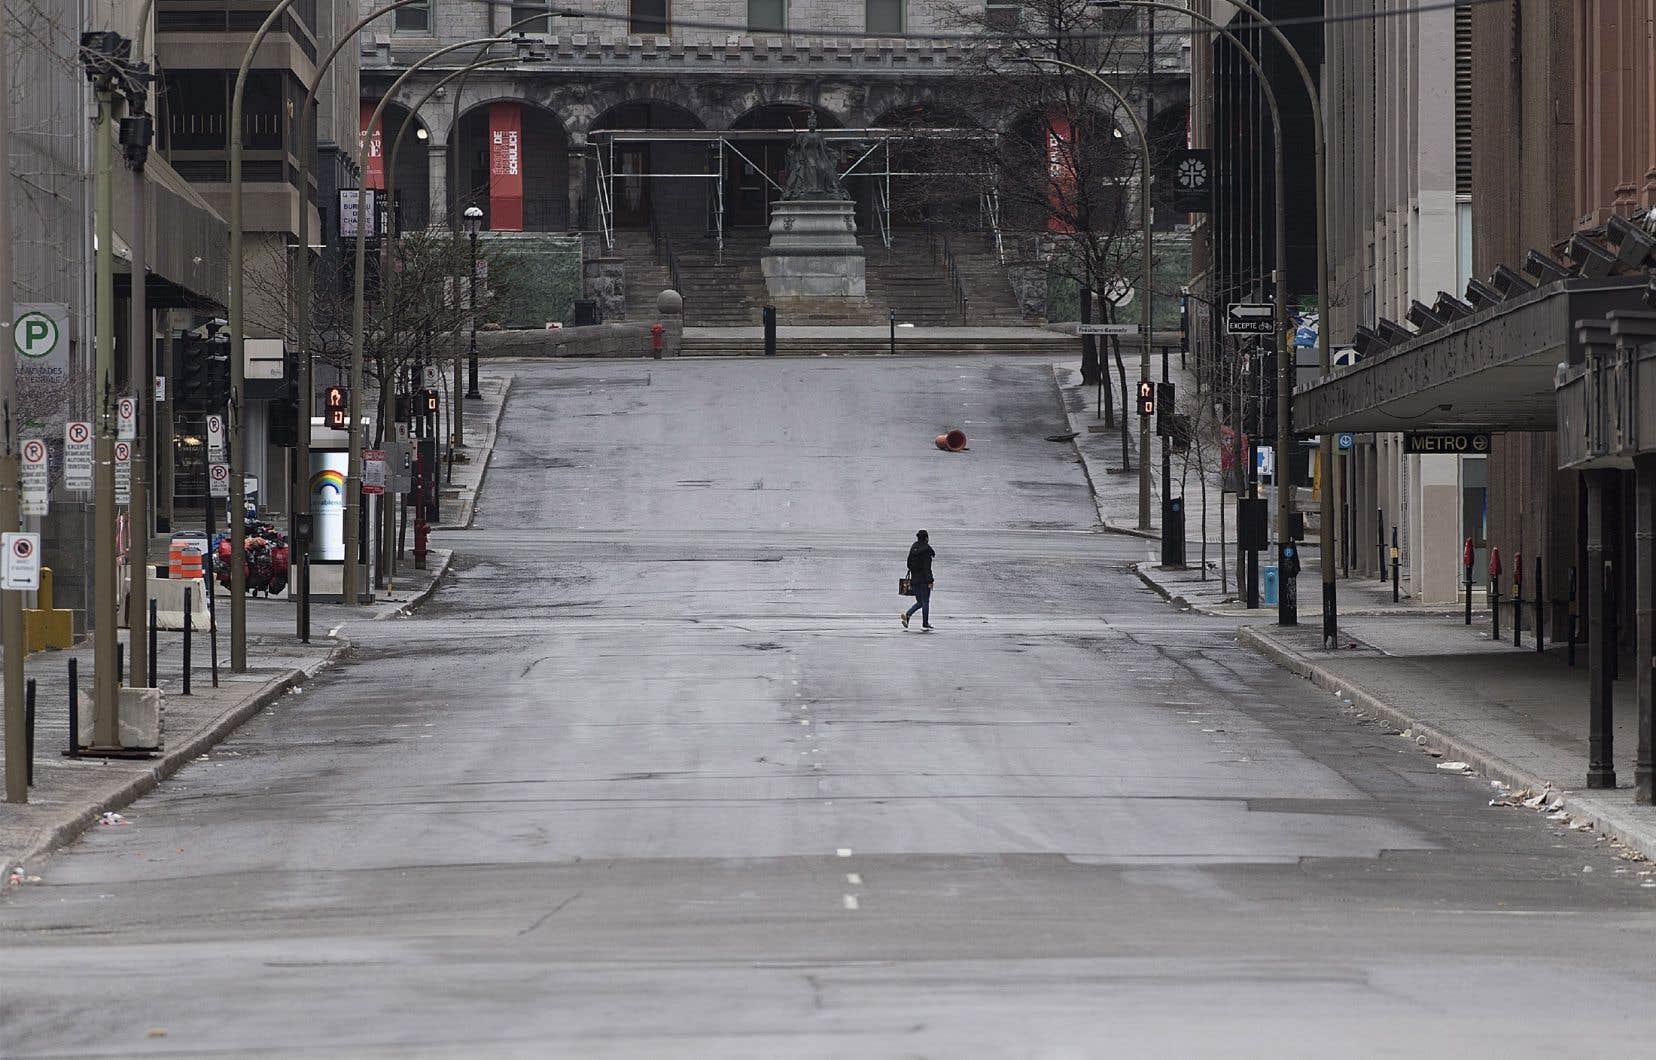 «Alors que de nombreux pays s'apprêtent à utiliser la relance de l'après-COVID-19 pour limiter les répercussions de la crise climatique, le Québec a l'occasion de s'appuyer sur l'innovation sociale, économique et technique», estiment les auteurs.